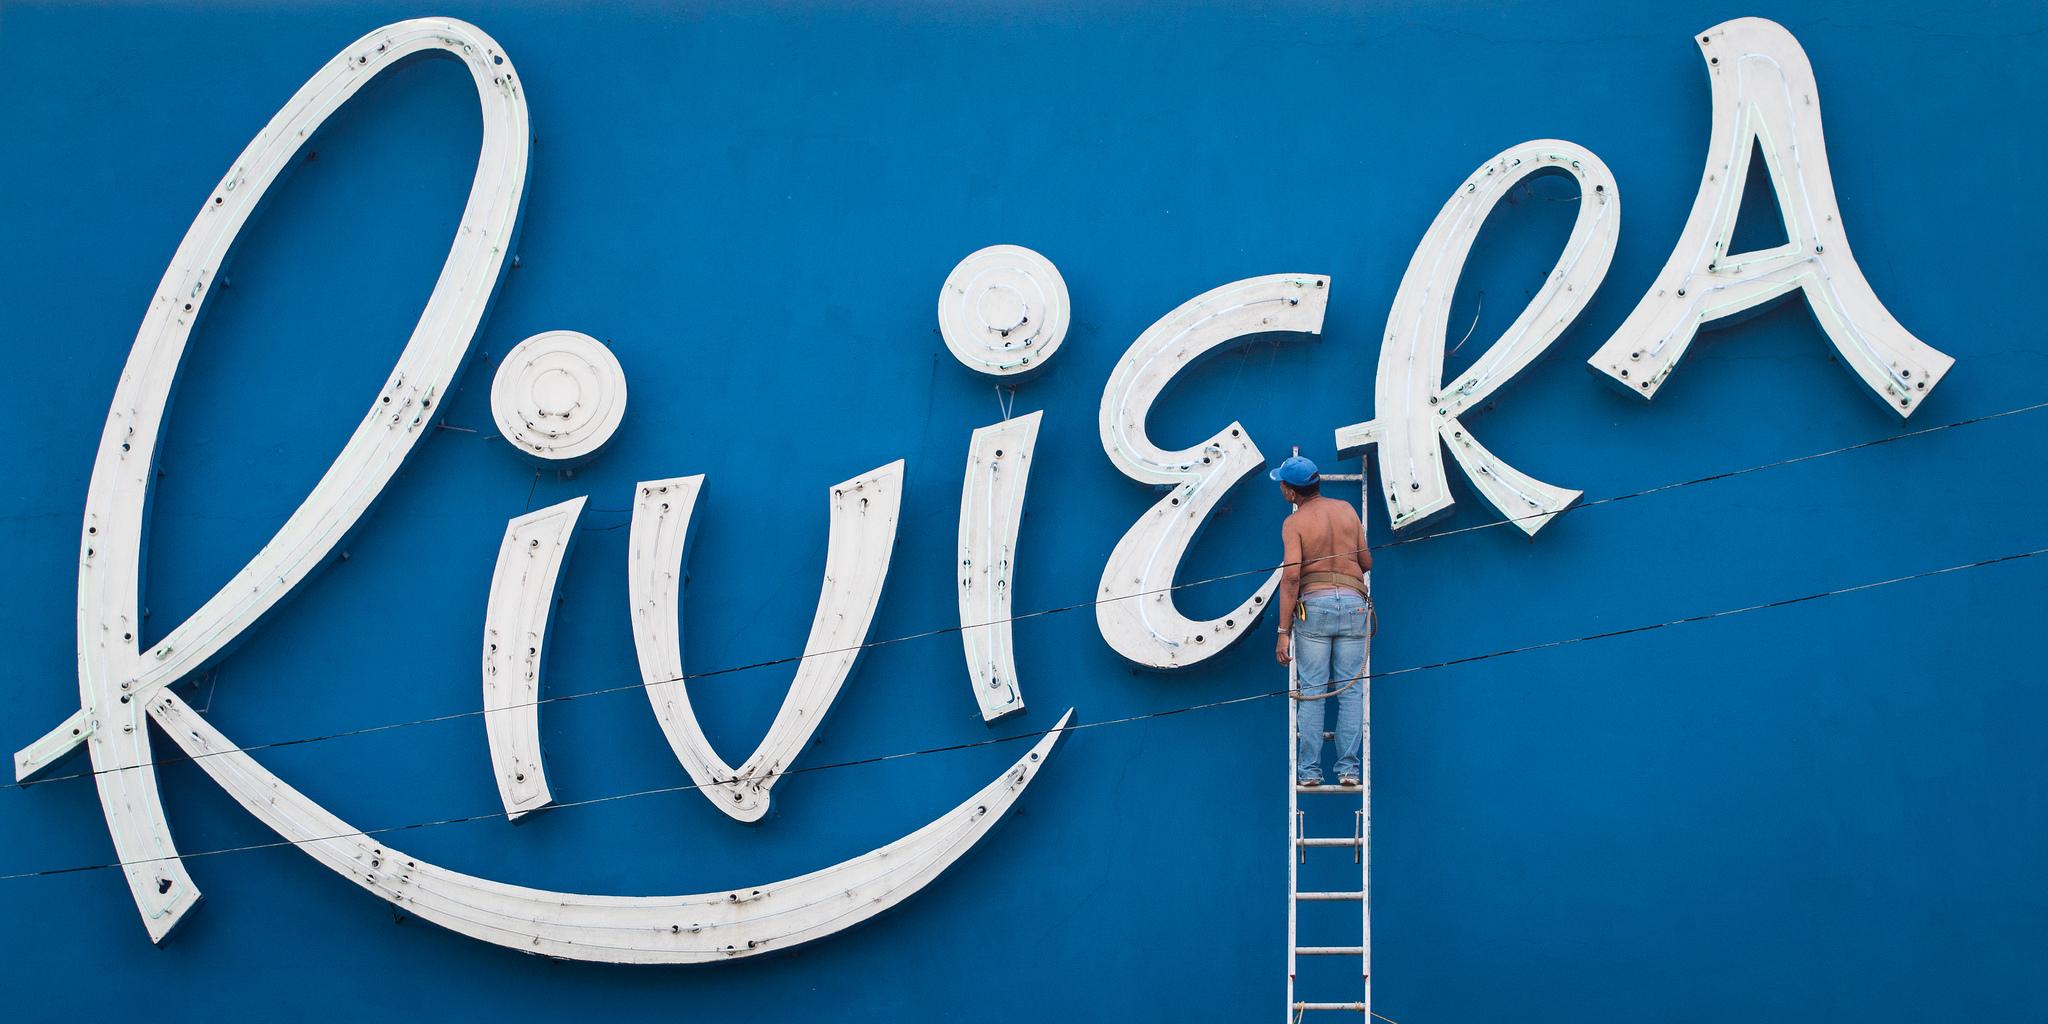 Straßenfotografie: Mann auf Leiter vor weißer Riviera-Leuchtreklame auf blauem Hintergrund